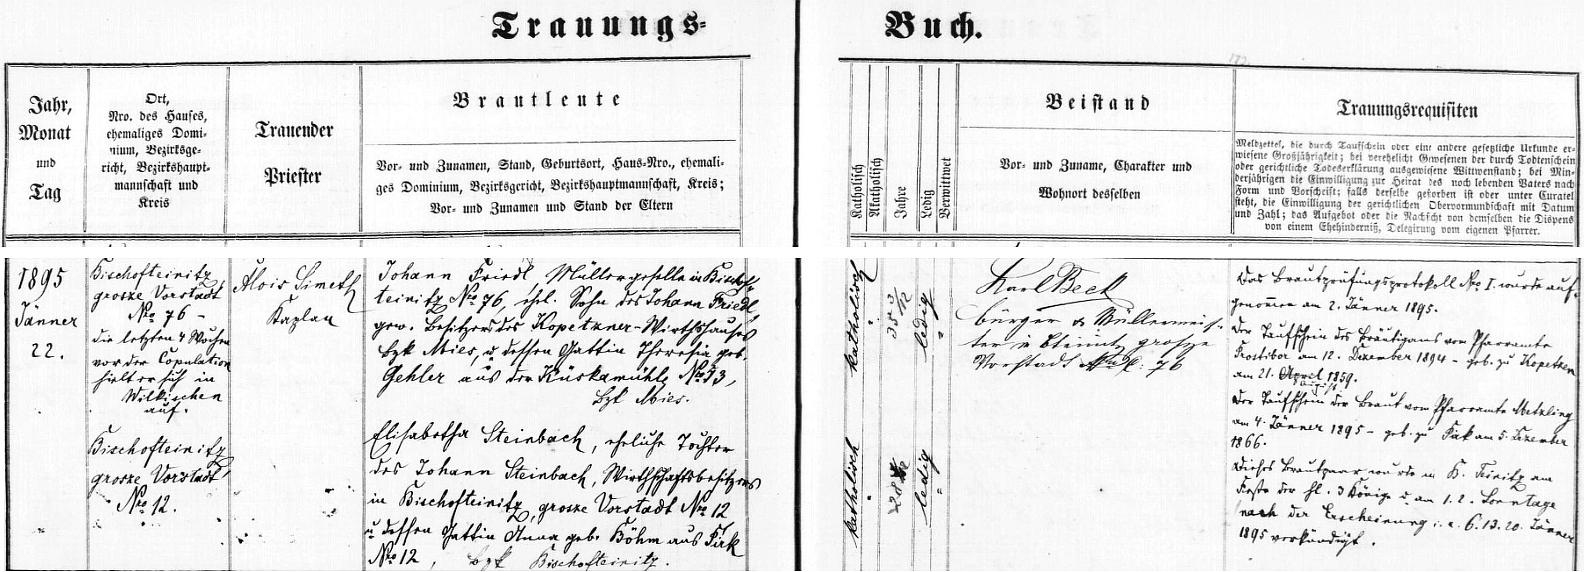 Záznam o svatbě rodičů v oddací matrice Horšovského Týna